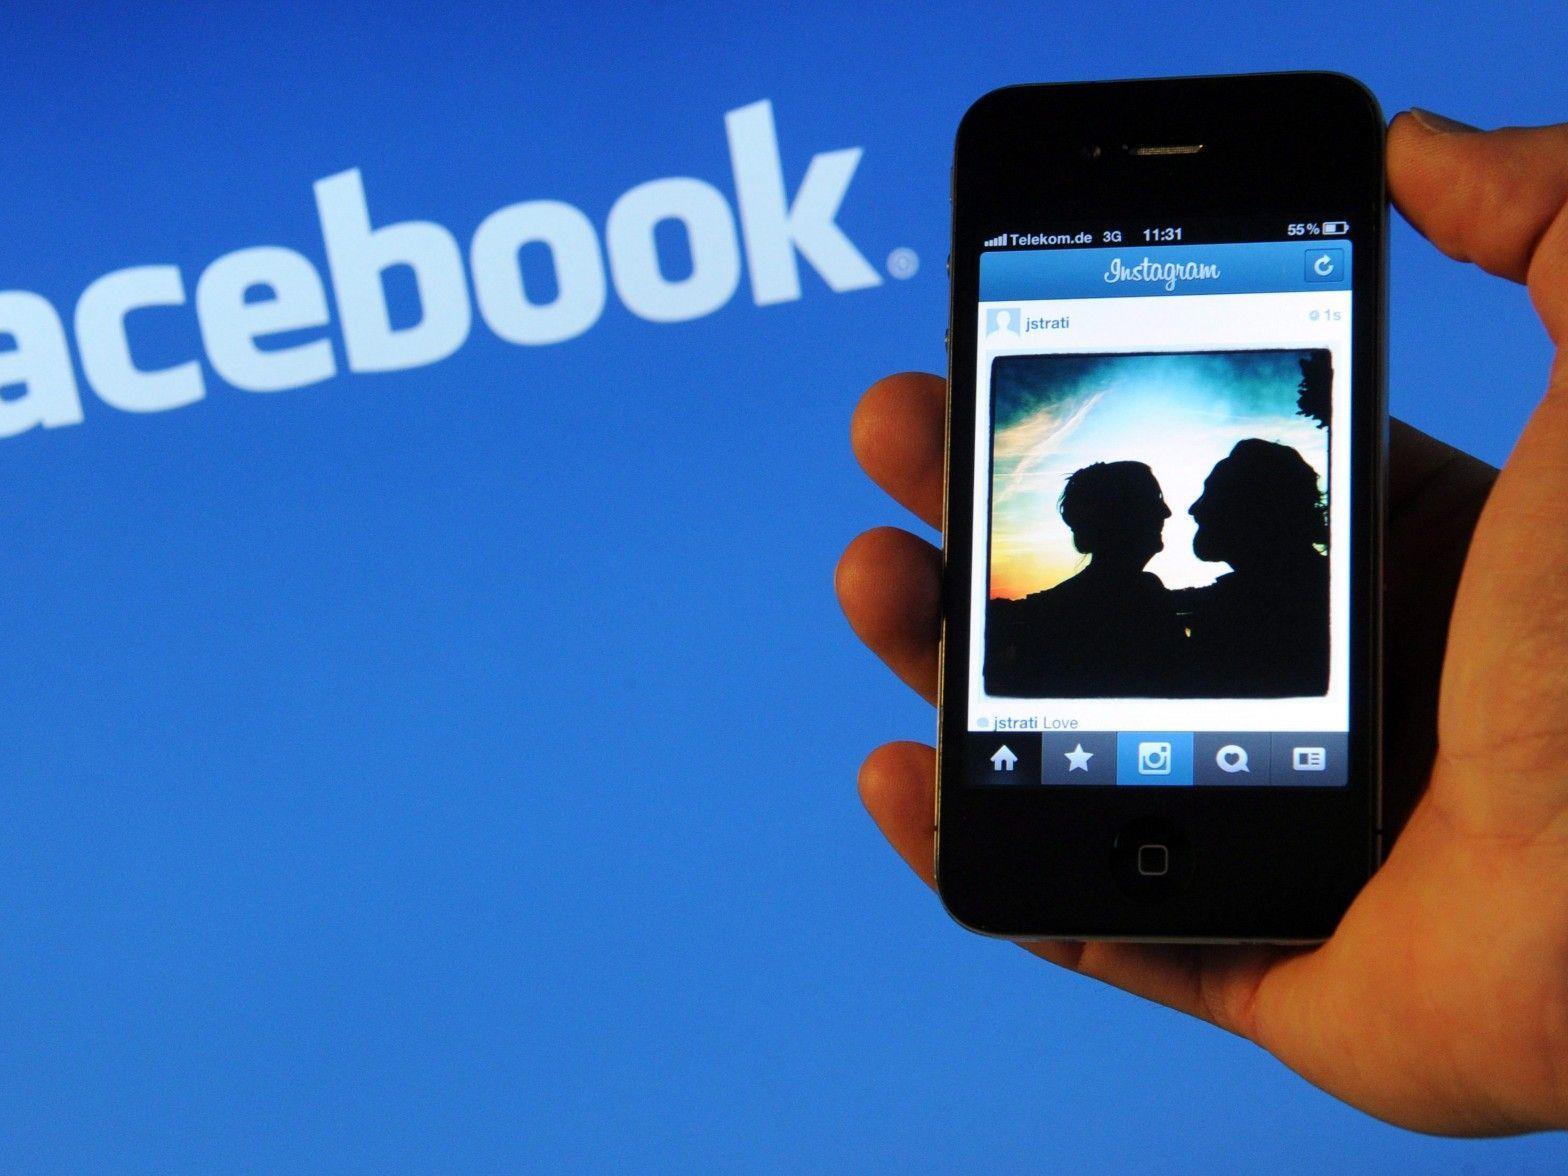 Instgram gehört Facebook. Das Unternehmen rudert nach massiven User-Protesten zurück.